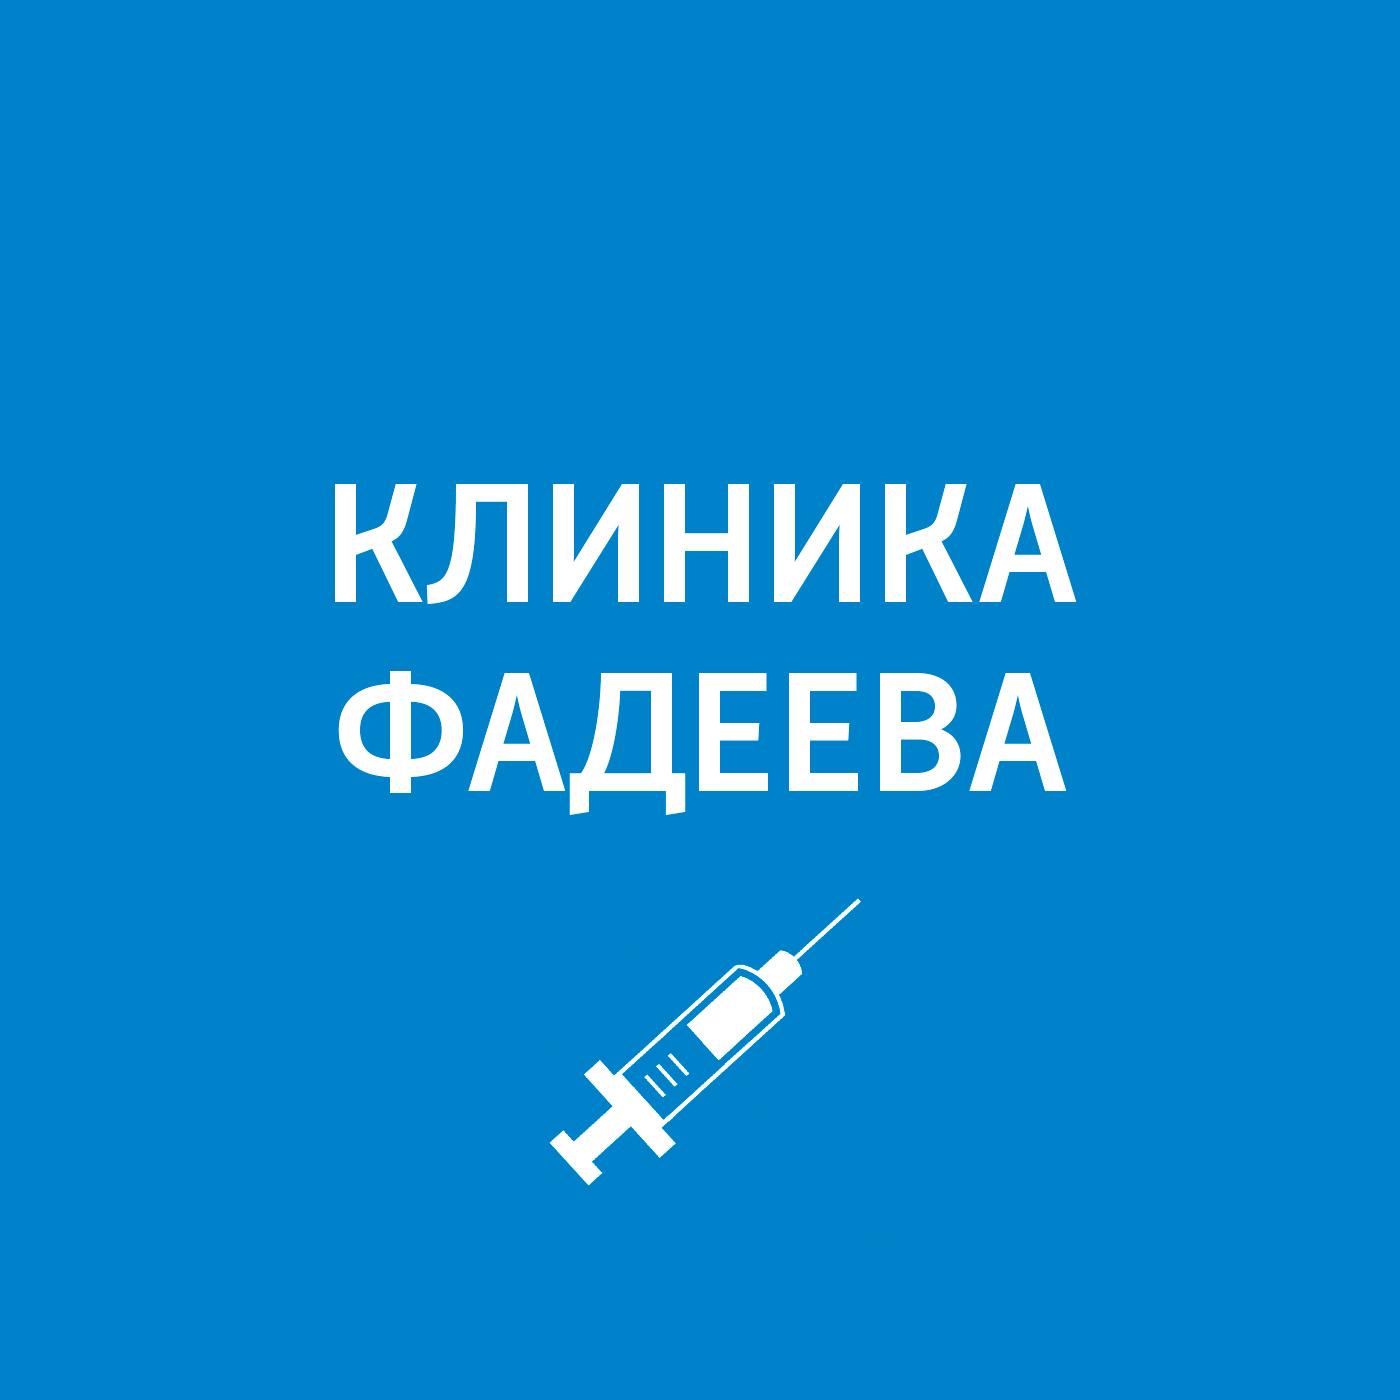 Пётр Фадеев Приём ведёт врач-кардиолог. Как сохранить здоровыми сосуды игорь алексеевич фадеев потеряшки page 9